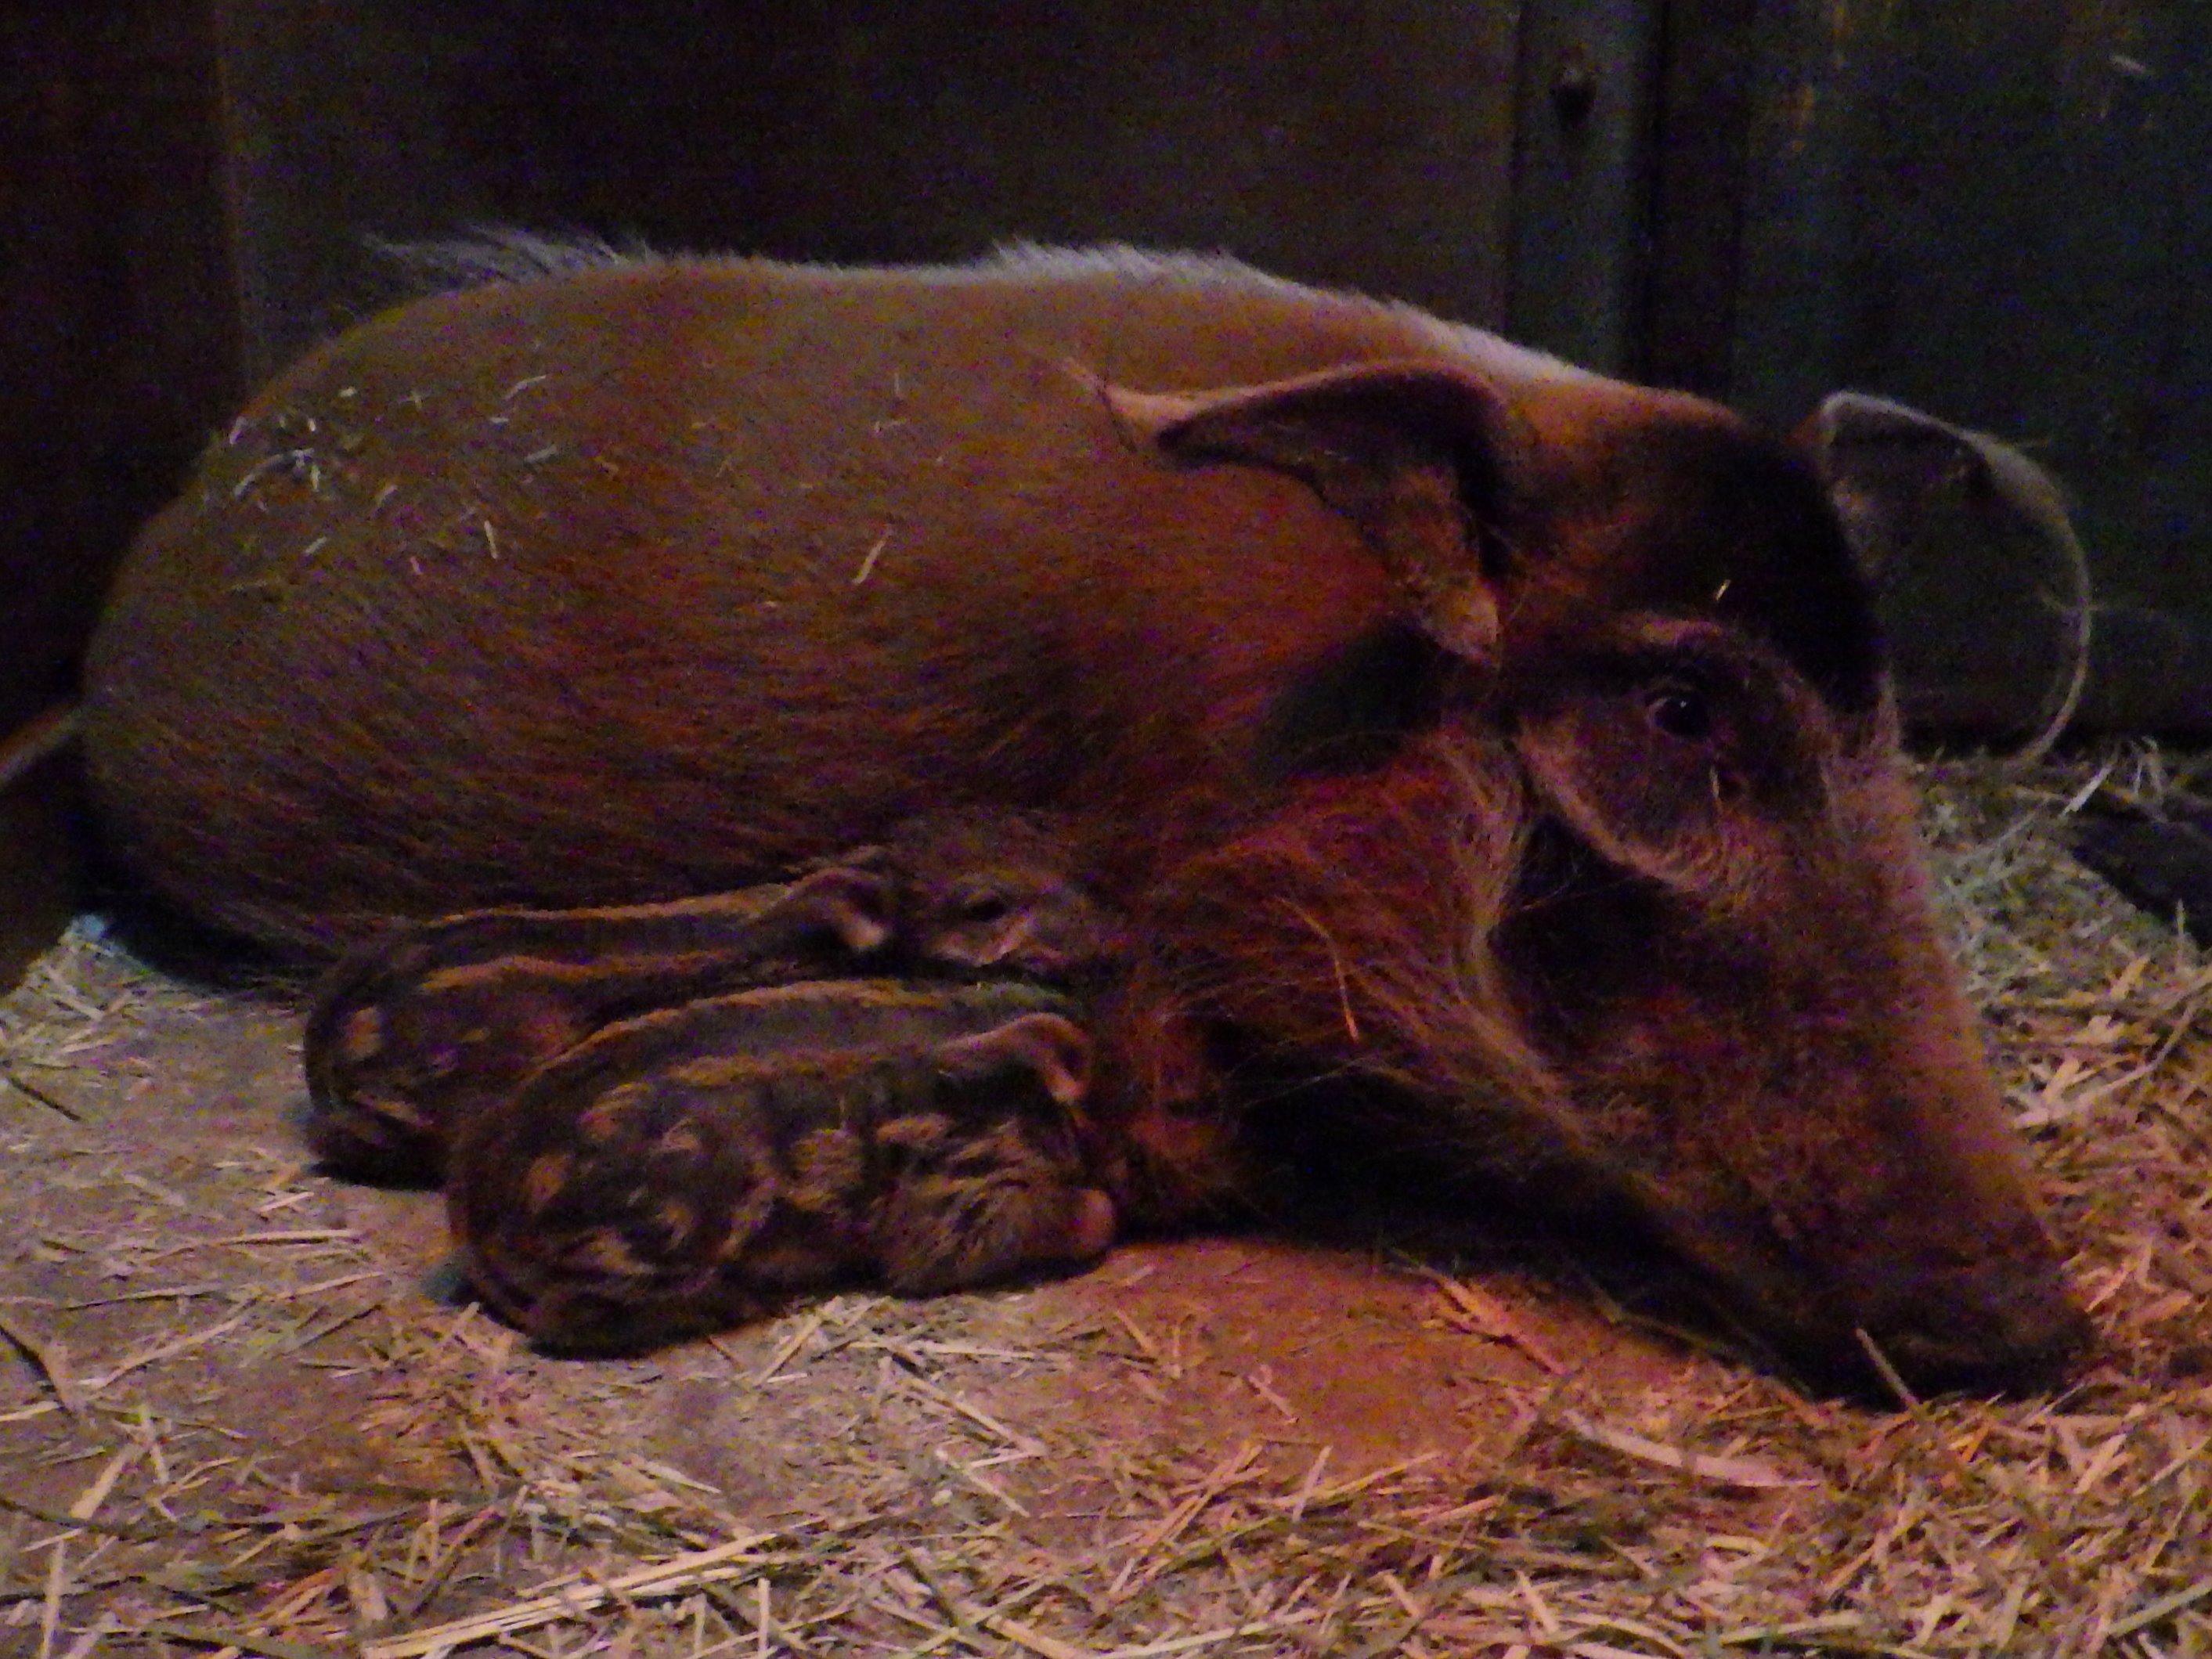 アカカワイノシシとアカカンガルーの赤ちゃんが生まれました。